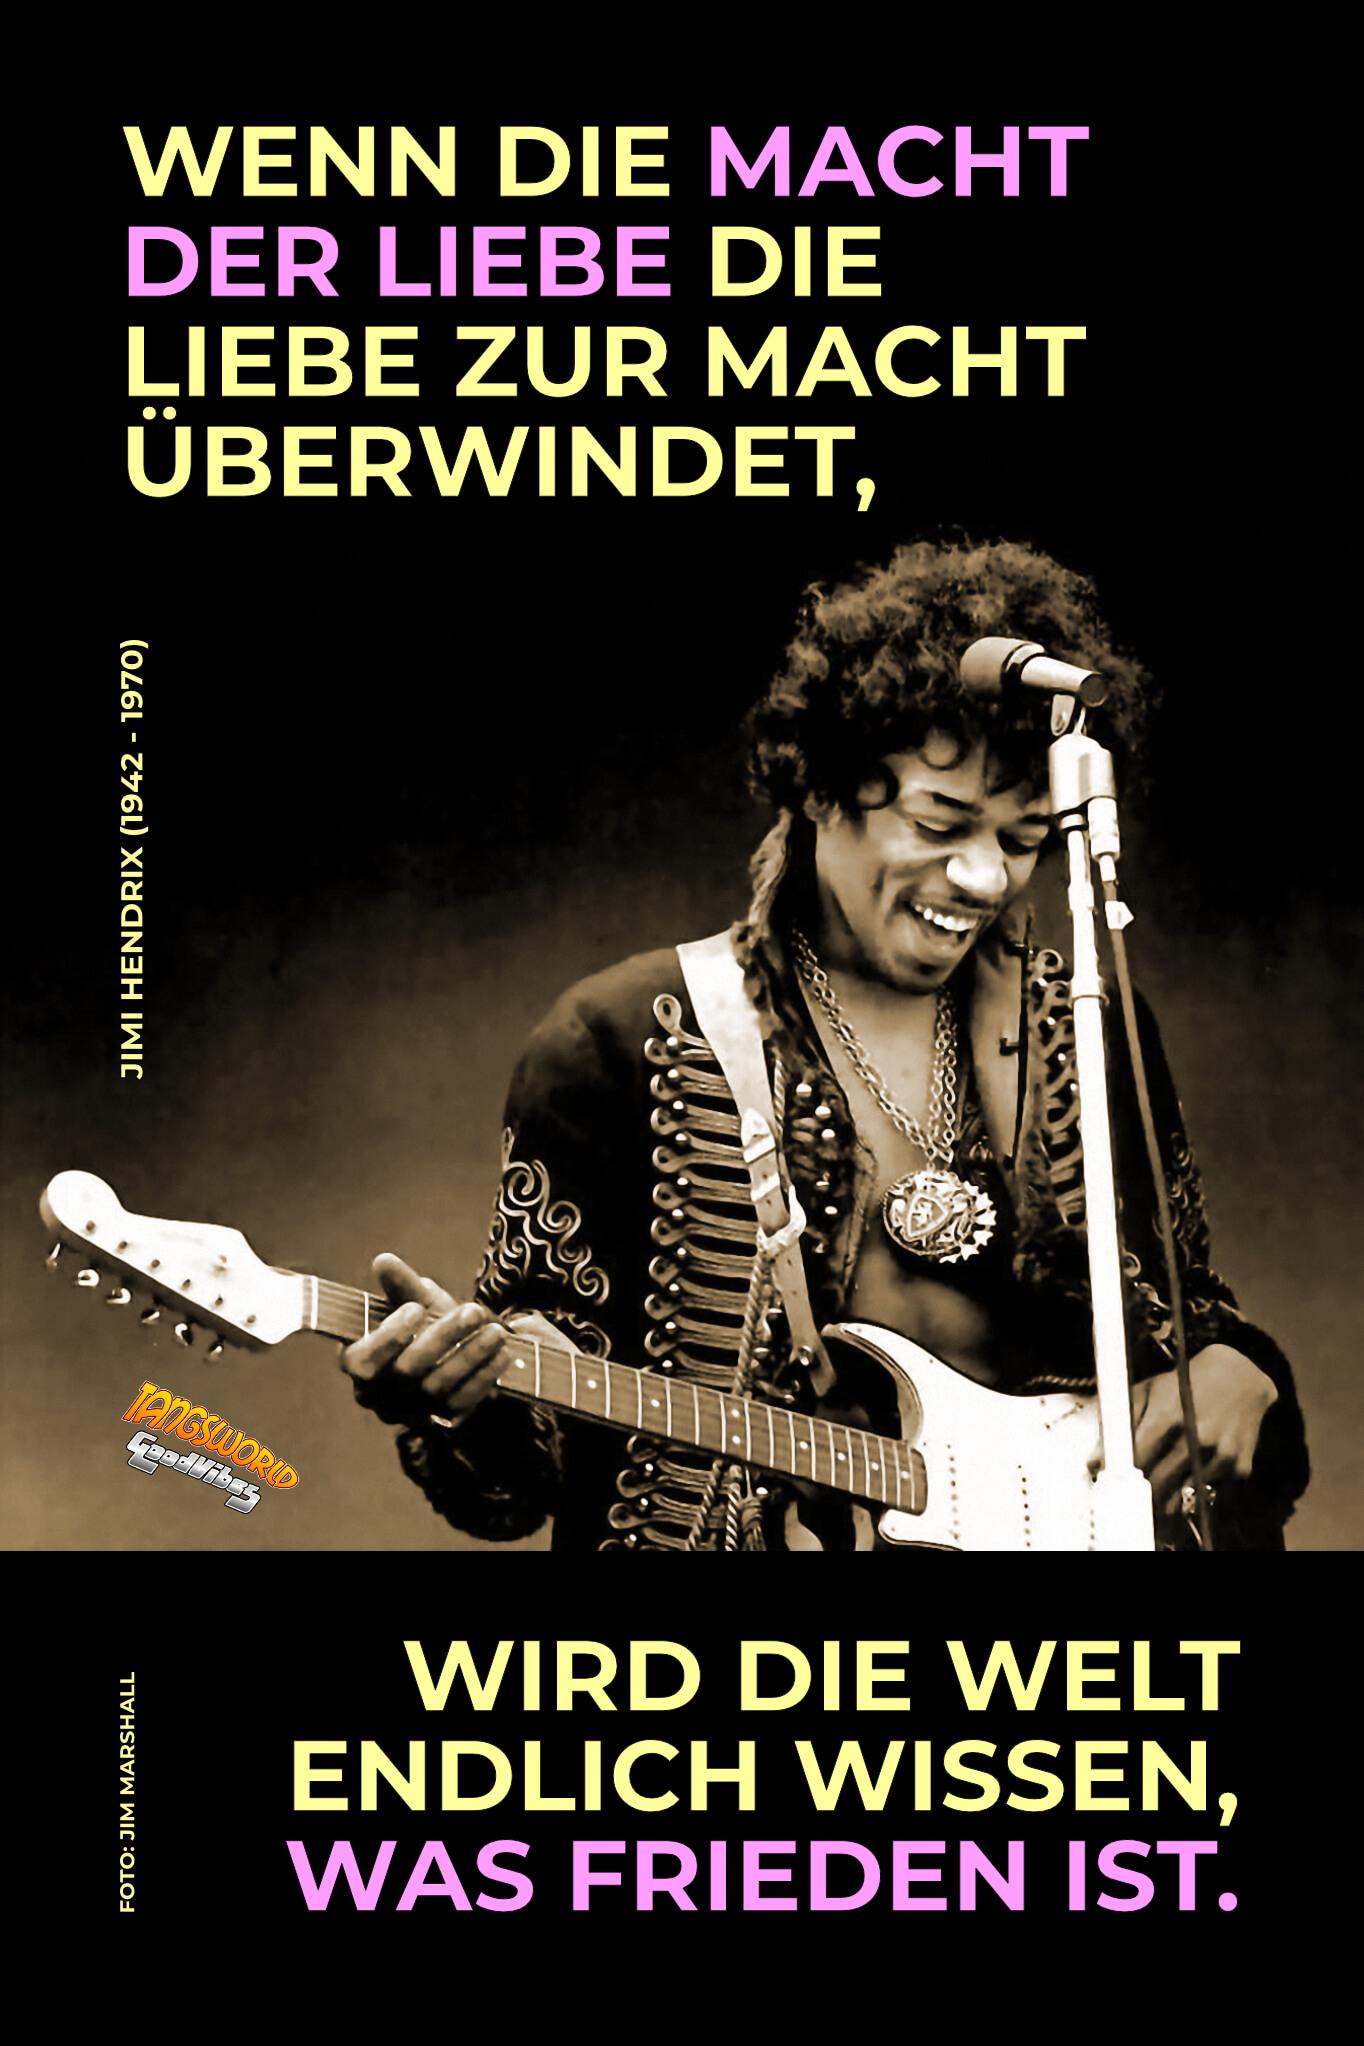 Wenn die Macht der Liebe die Liebe zur Macht überwindet, wird die Welt endlich wissen, was Frieden ist. - GoodVibes | Jimi Hendrix